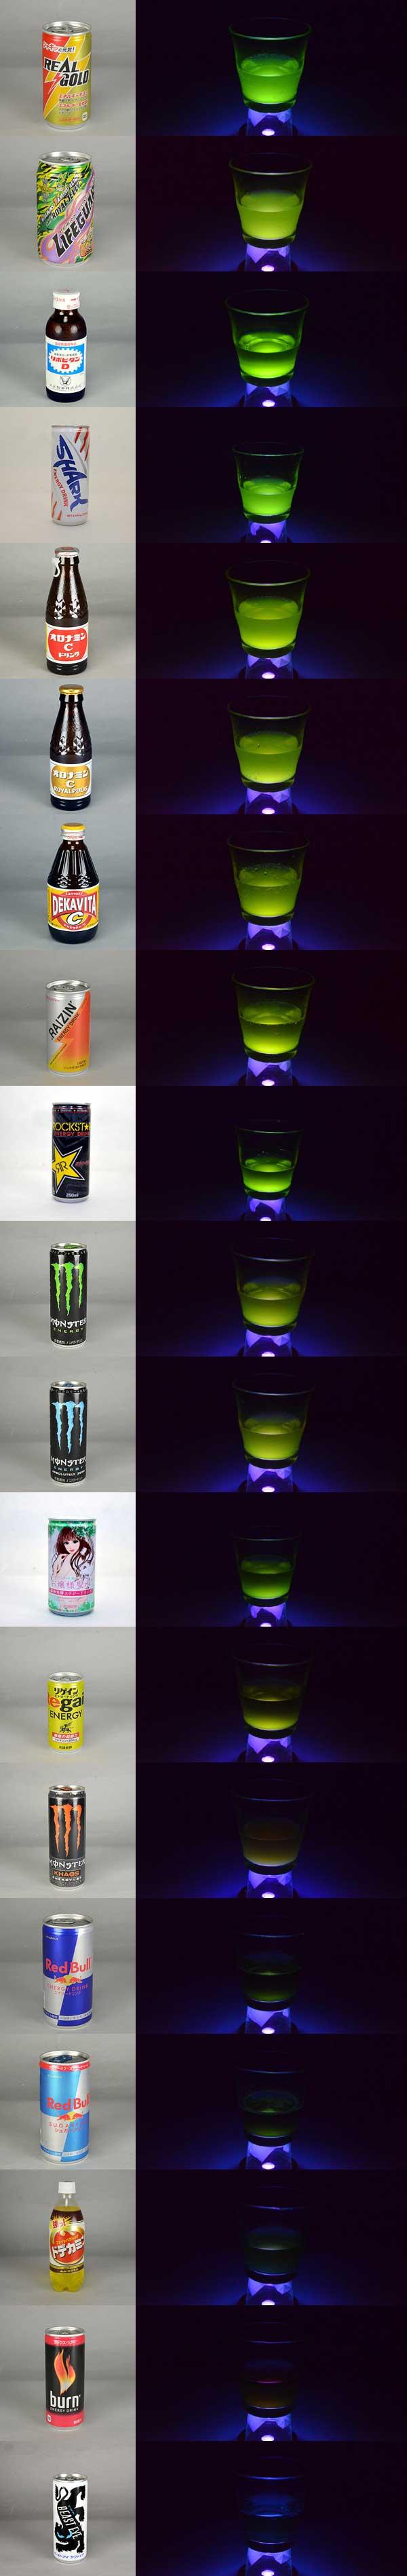 energydrink_result